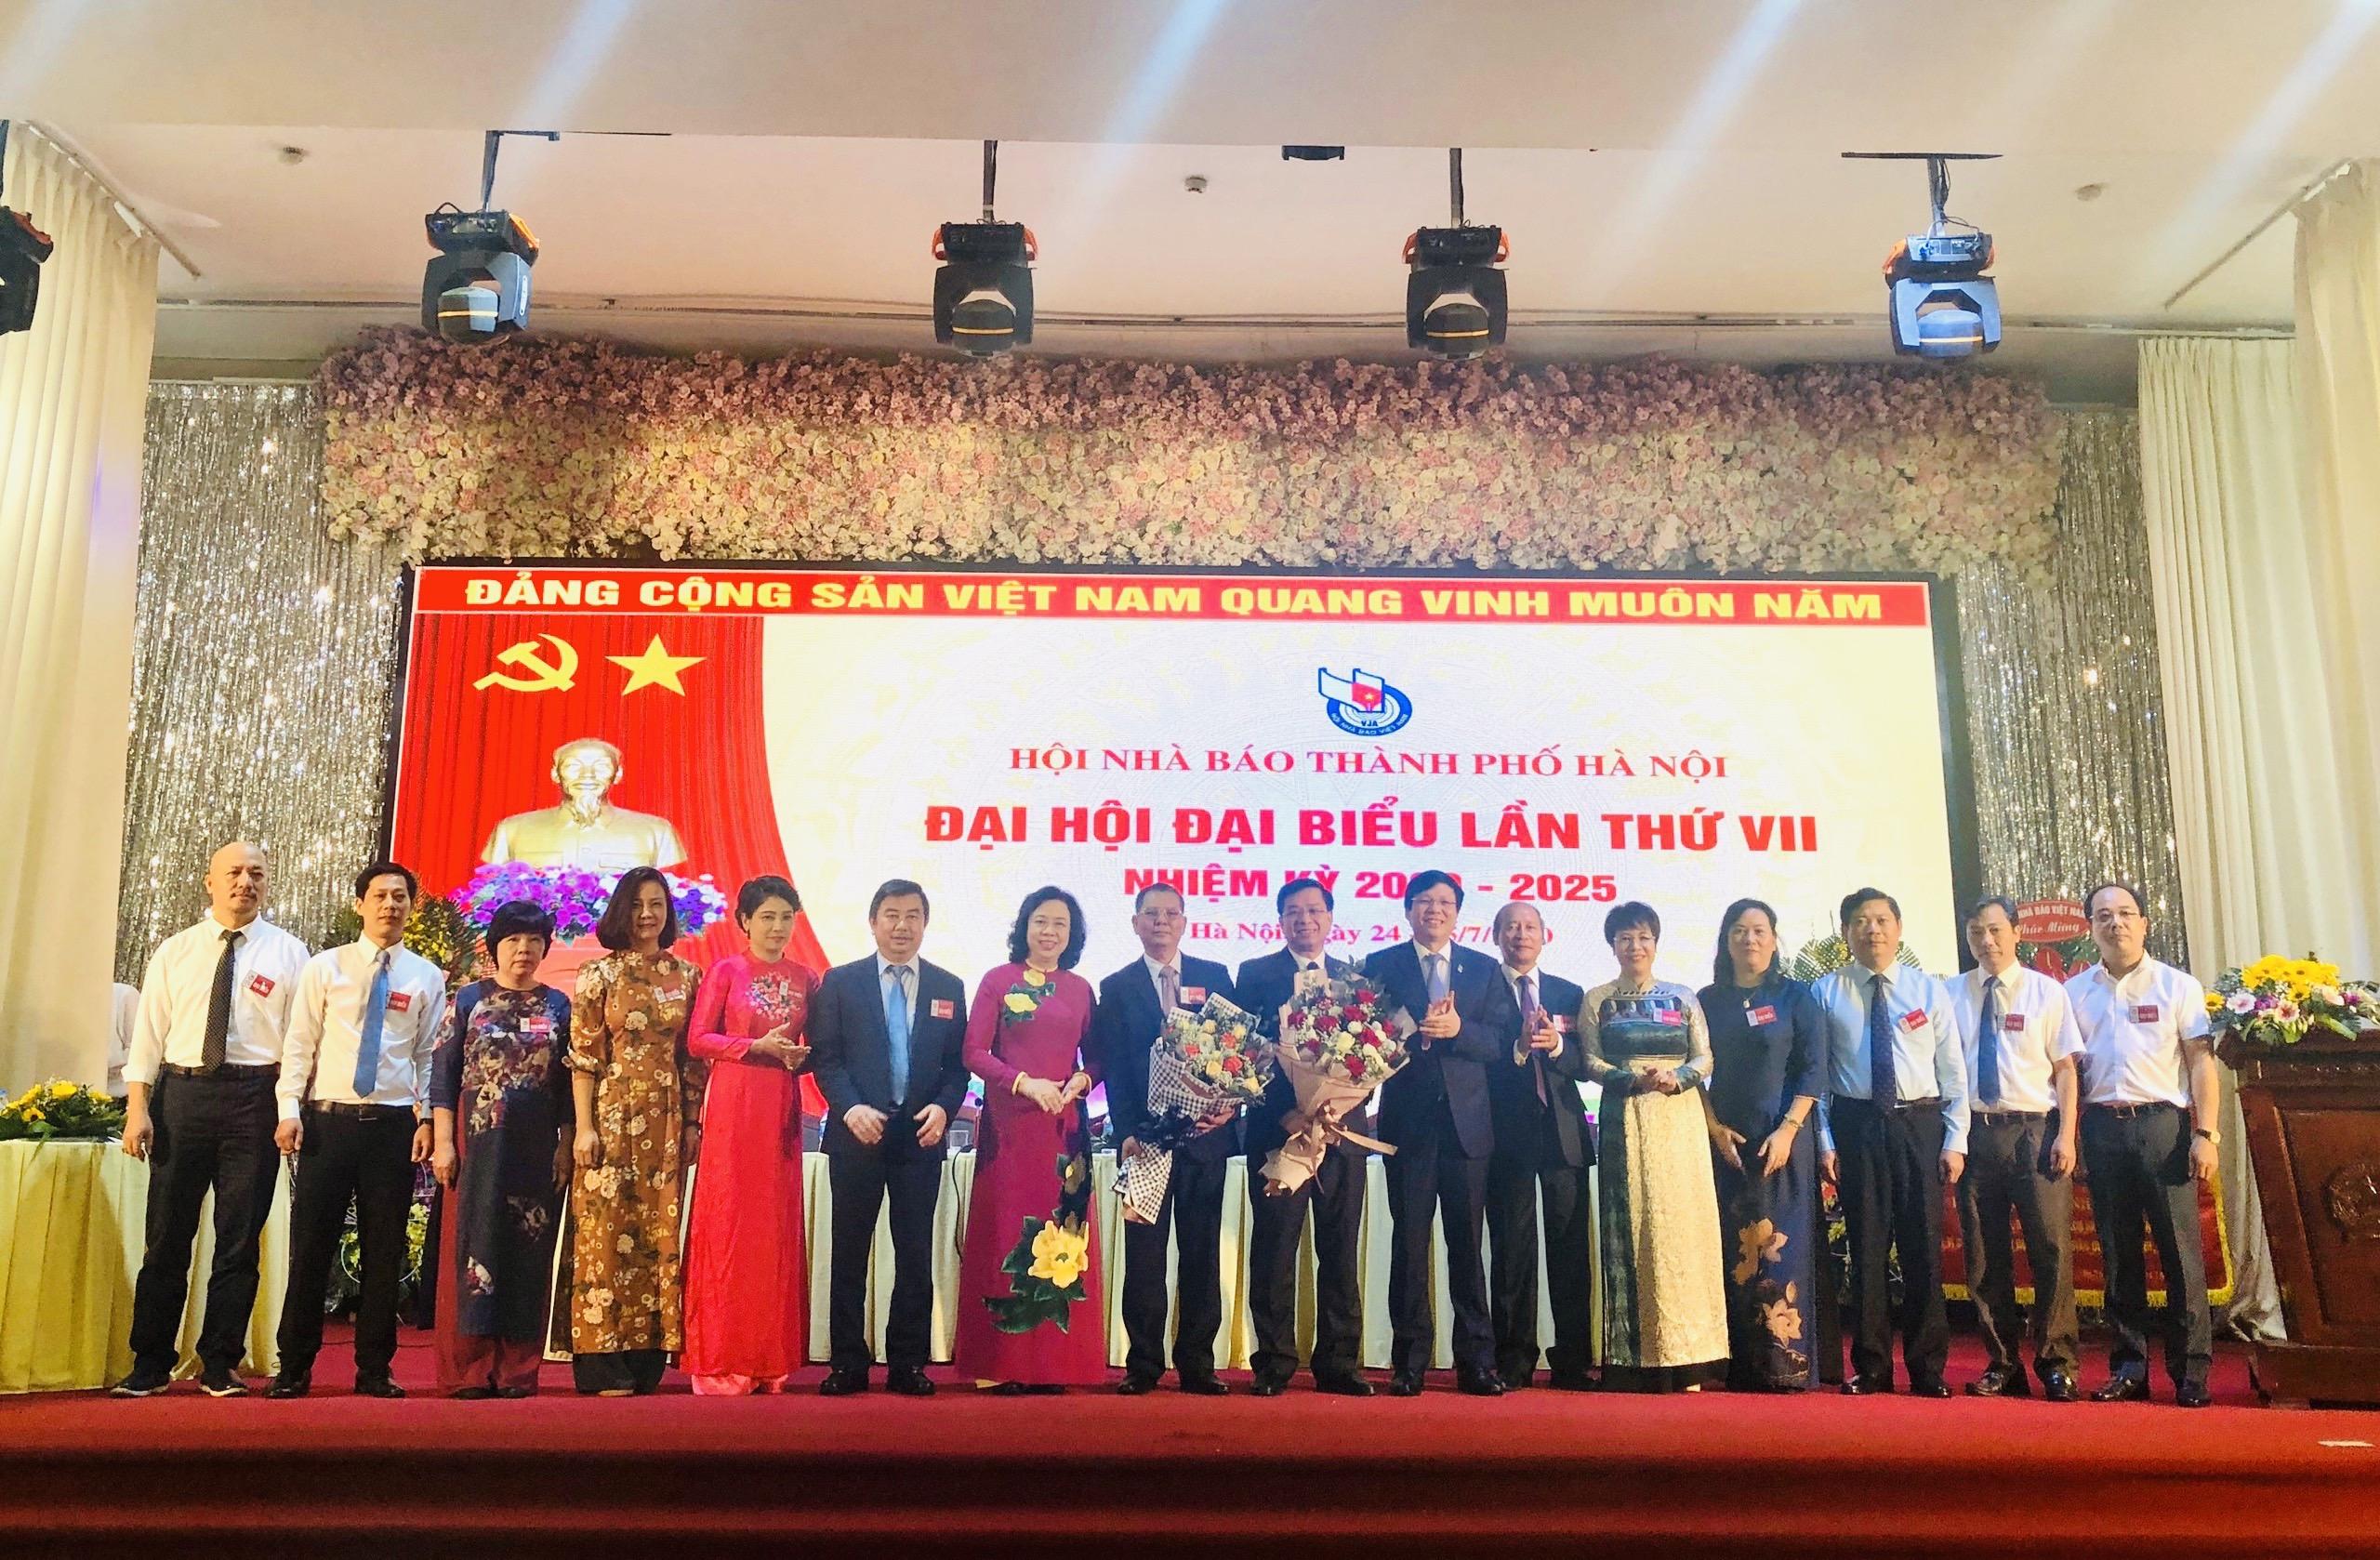 Ban chấp hành Hội nhà báo Thành phố Hà Nội nhiệm kỳ 2020-2025 ra mắt. Đồng chí Lê Quỳnh Trang- Tổng biên tập báo Phụ nữ Thủ đô  (thứ 5 từ trái sang) trúng cử Ban chấp hành nhiệm kỳ mới